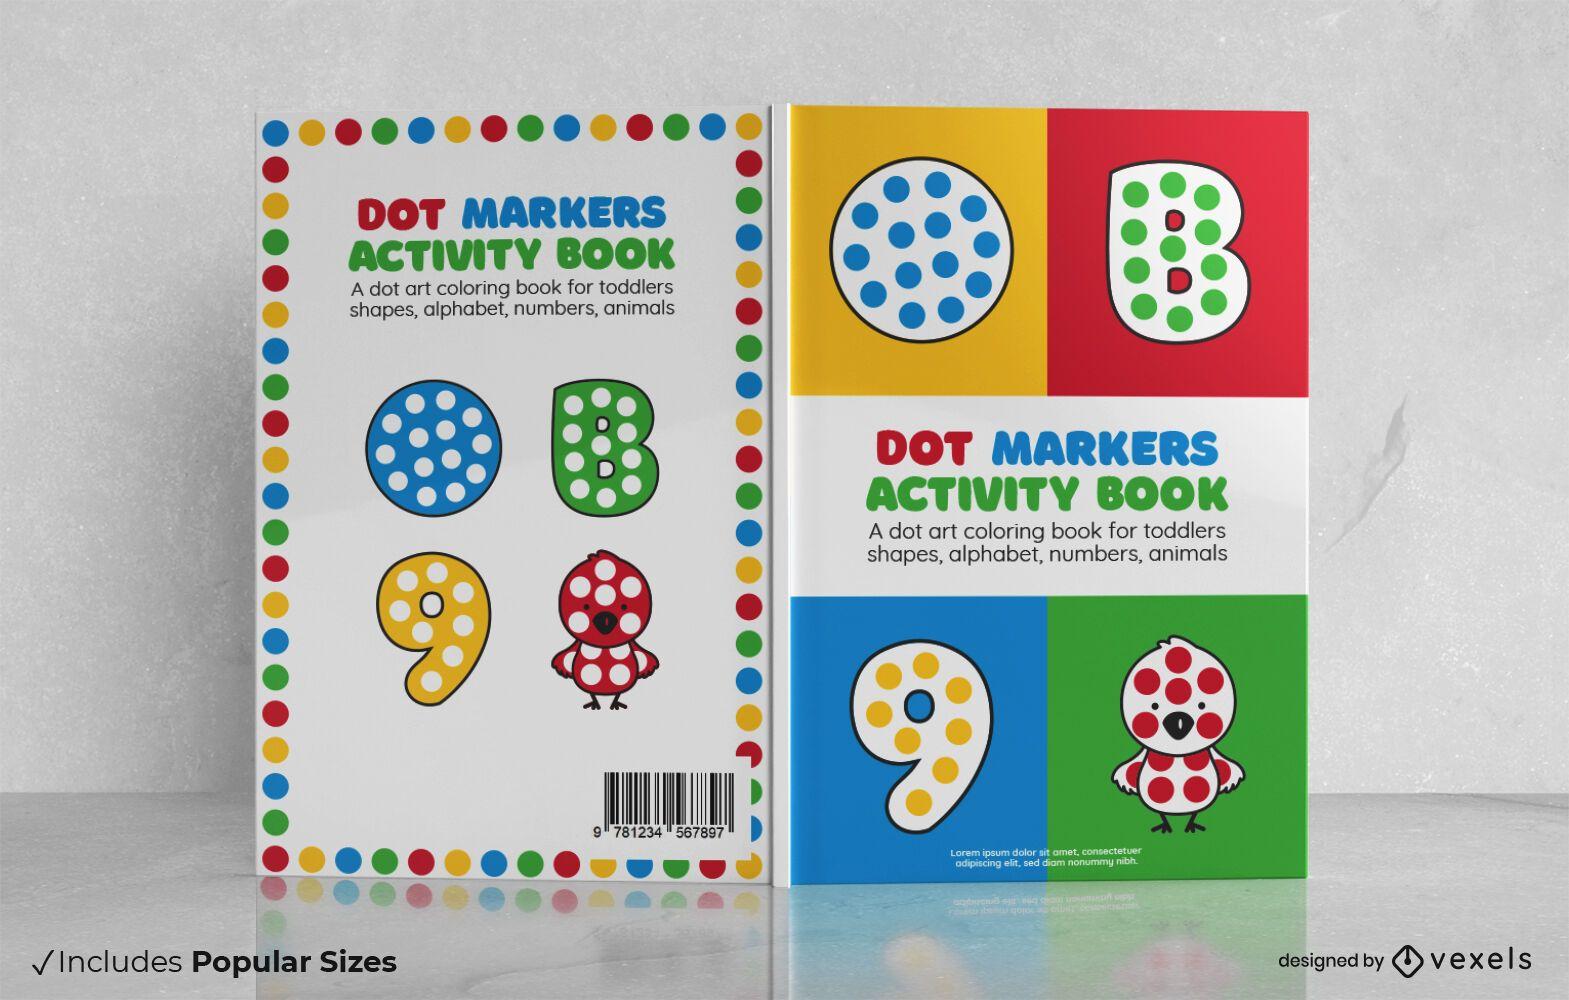 Projeto da capa do livro de atividades com marcadores de pontos